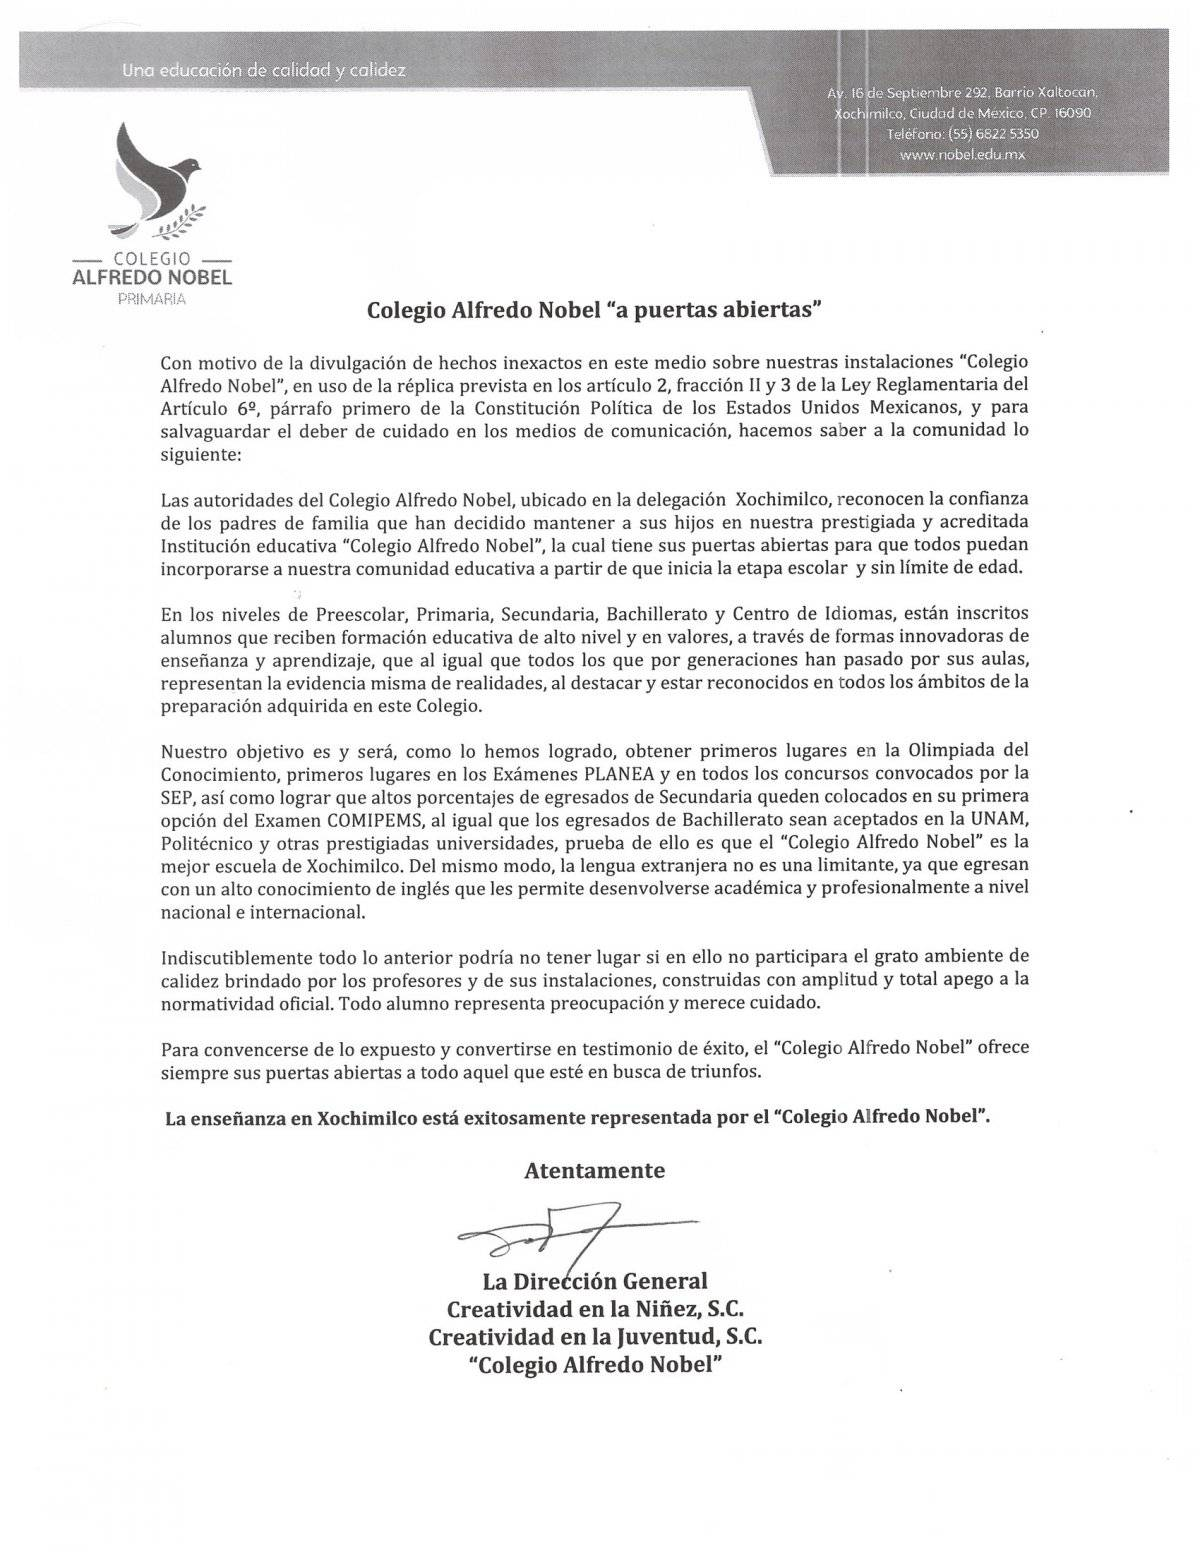 Derecho de réplica del Colegio Alfredo Nobel